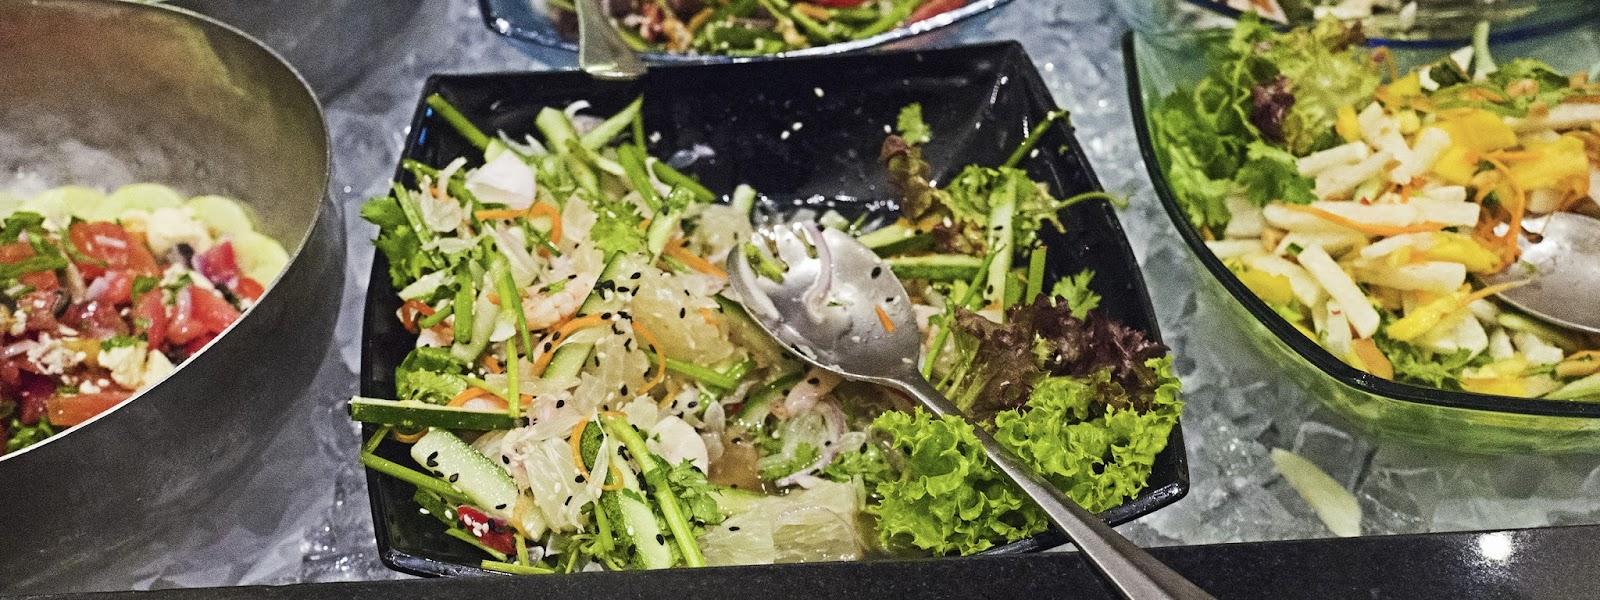 f-saladprawn-L1050073.jpg